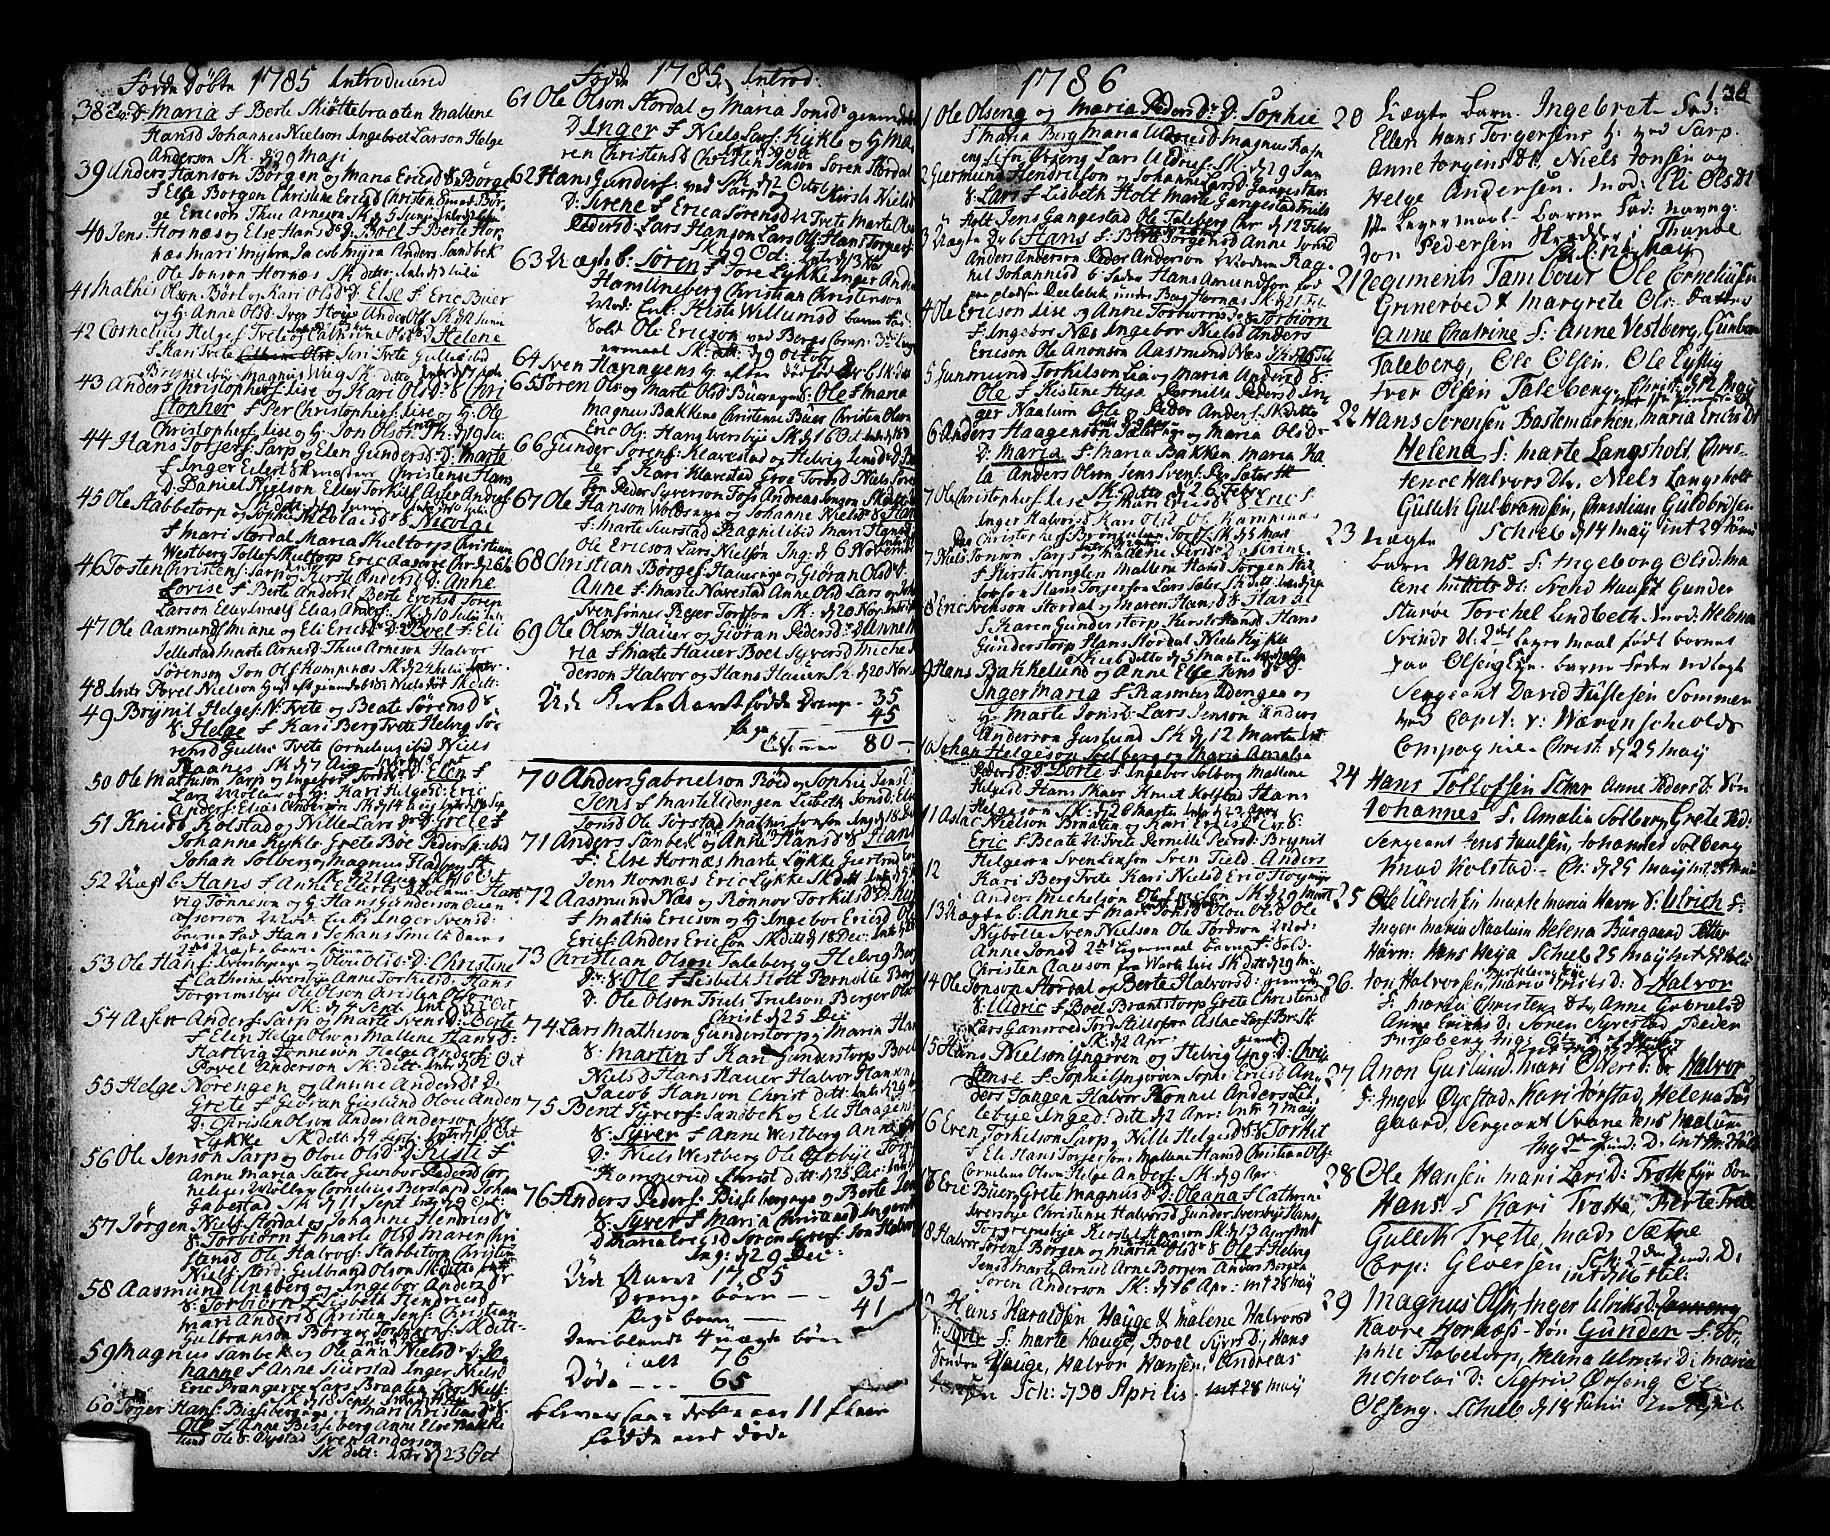 SAO, Skjeberg prestekontor Kirkebøker, F/Fa/L0002: Ministerialbok nr. I 2, 1726-1791, s. 138